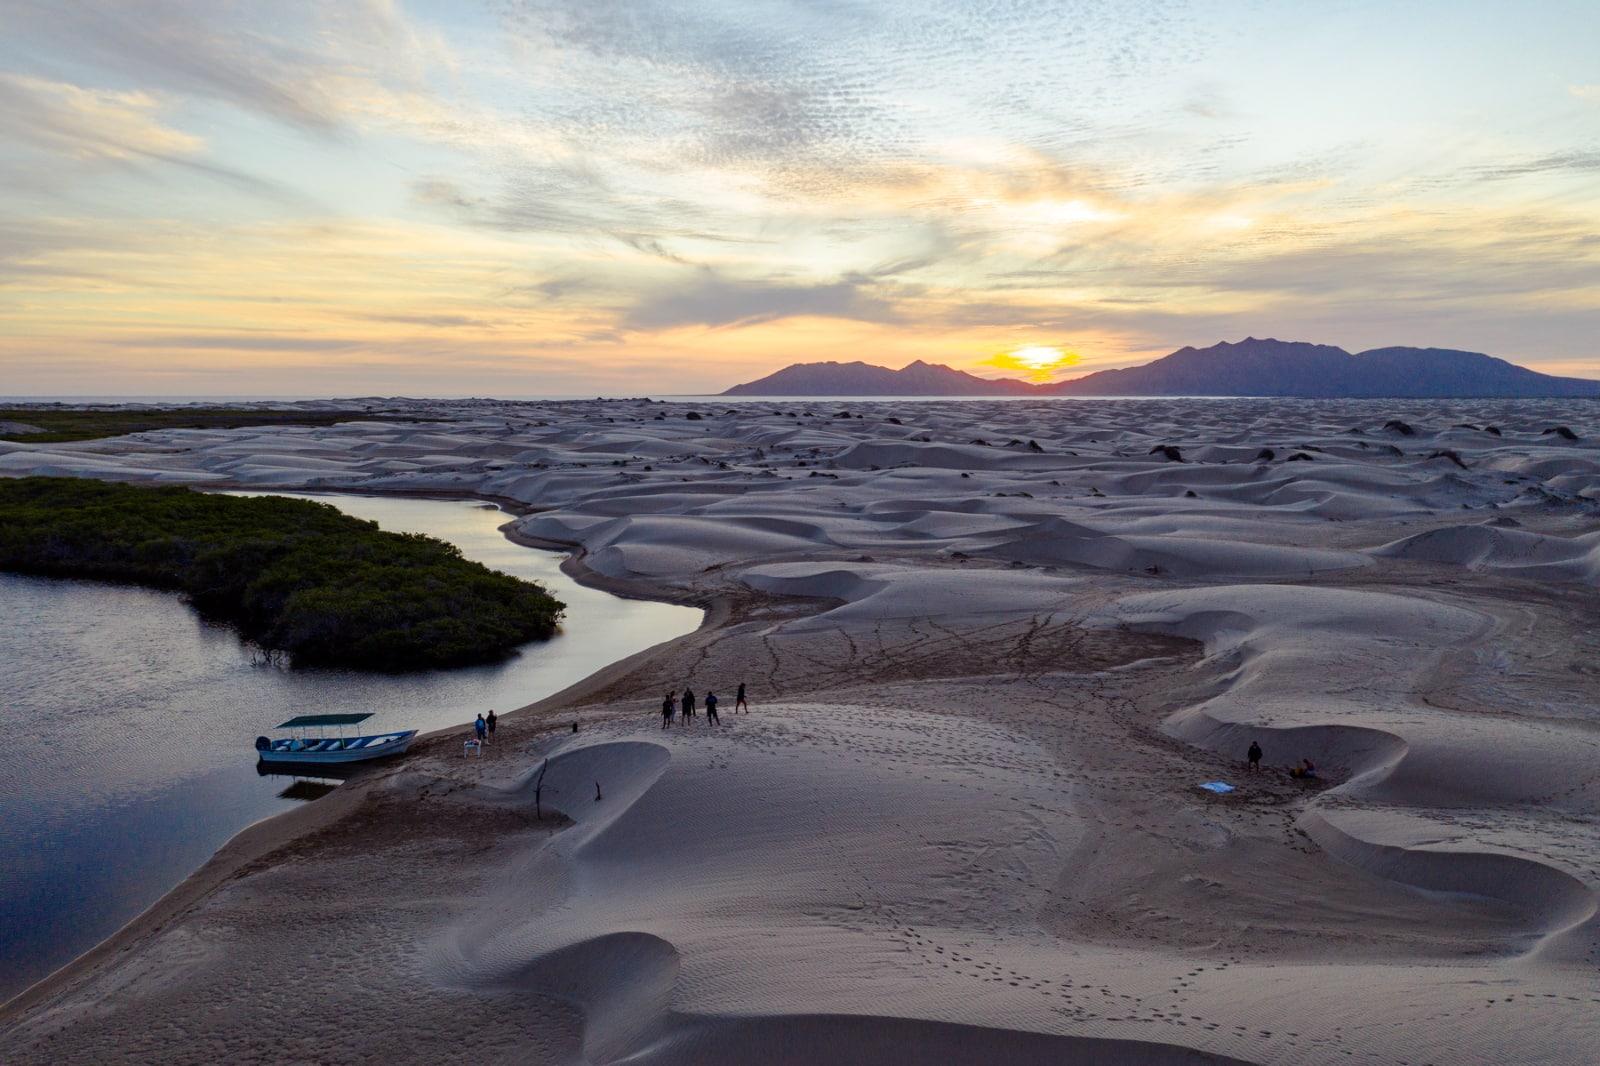 Dunes, sunset and mangroves, Magdalena Bay, Baja, Mexico